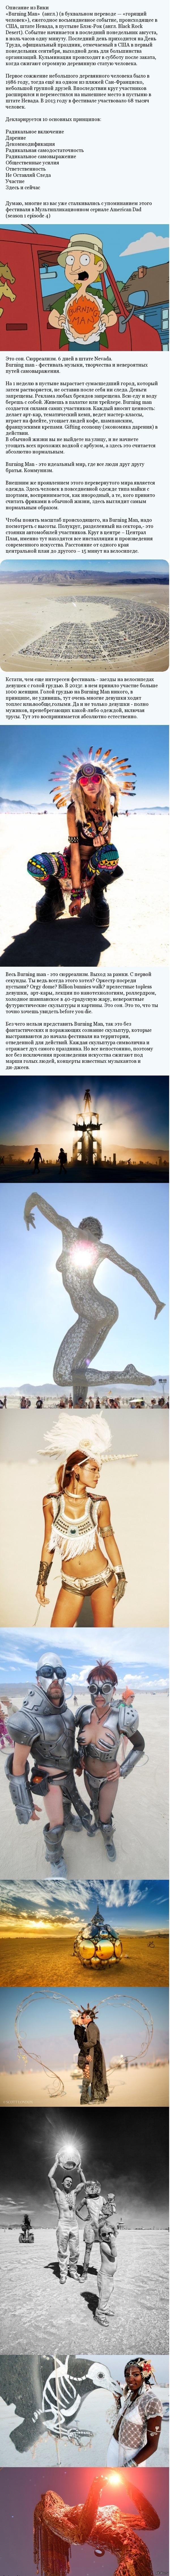 Фестиваль Burning Man Ищу попутчиков (V)_(*,,,*)_(V)